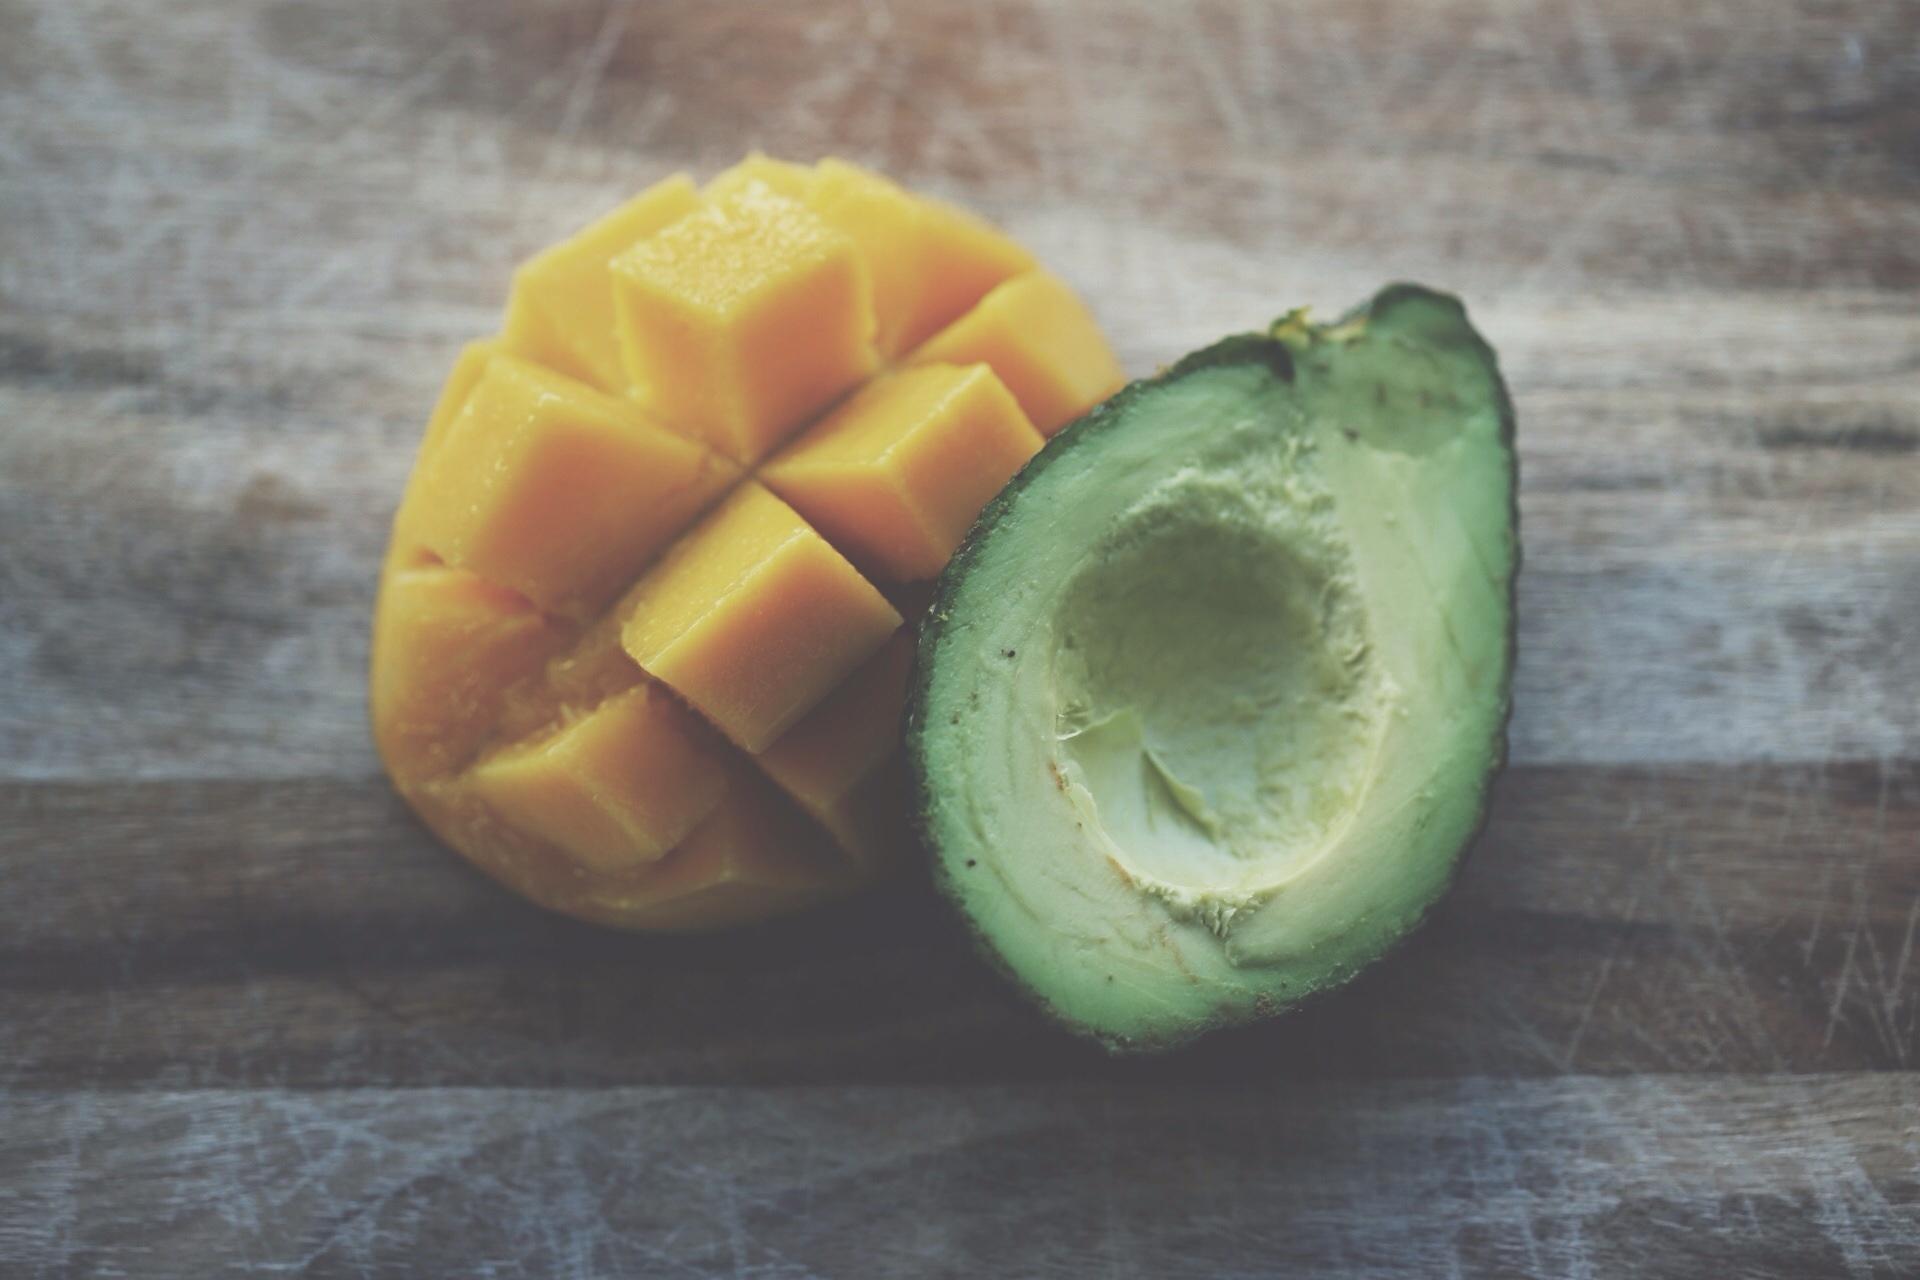 U-avocado